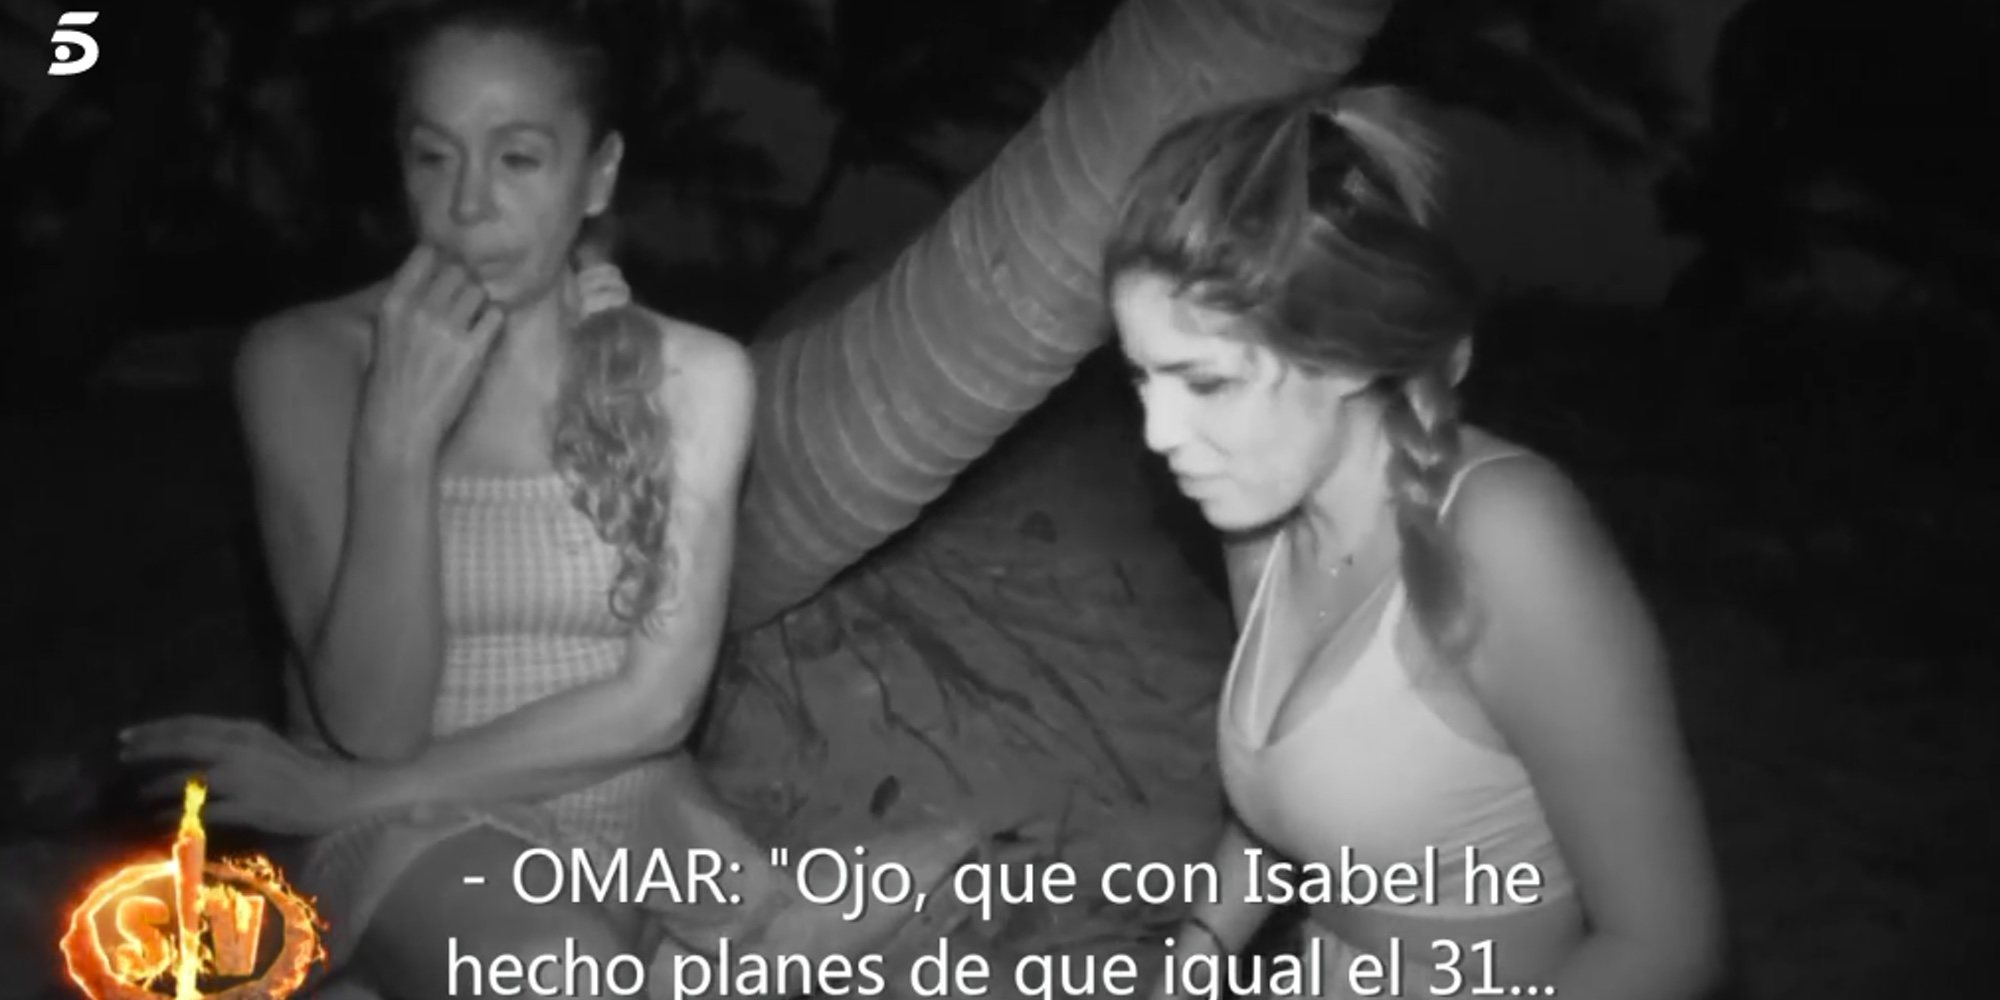 'SV2019': Omar le cuenta a Chabelita que ha hecho planes con Isabel Pantoja para ir en Nochevieja a Cantora